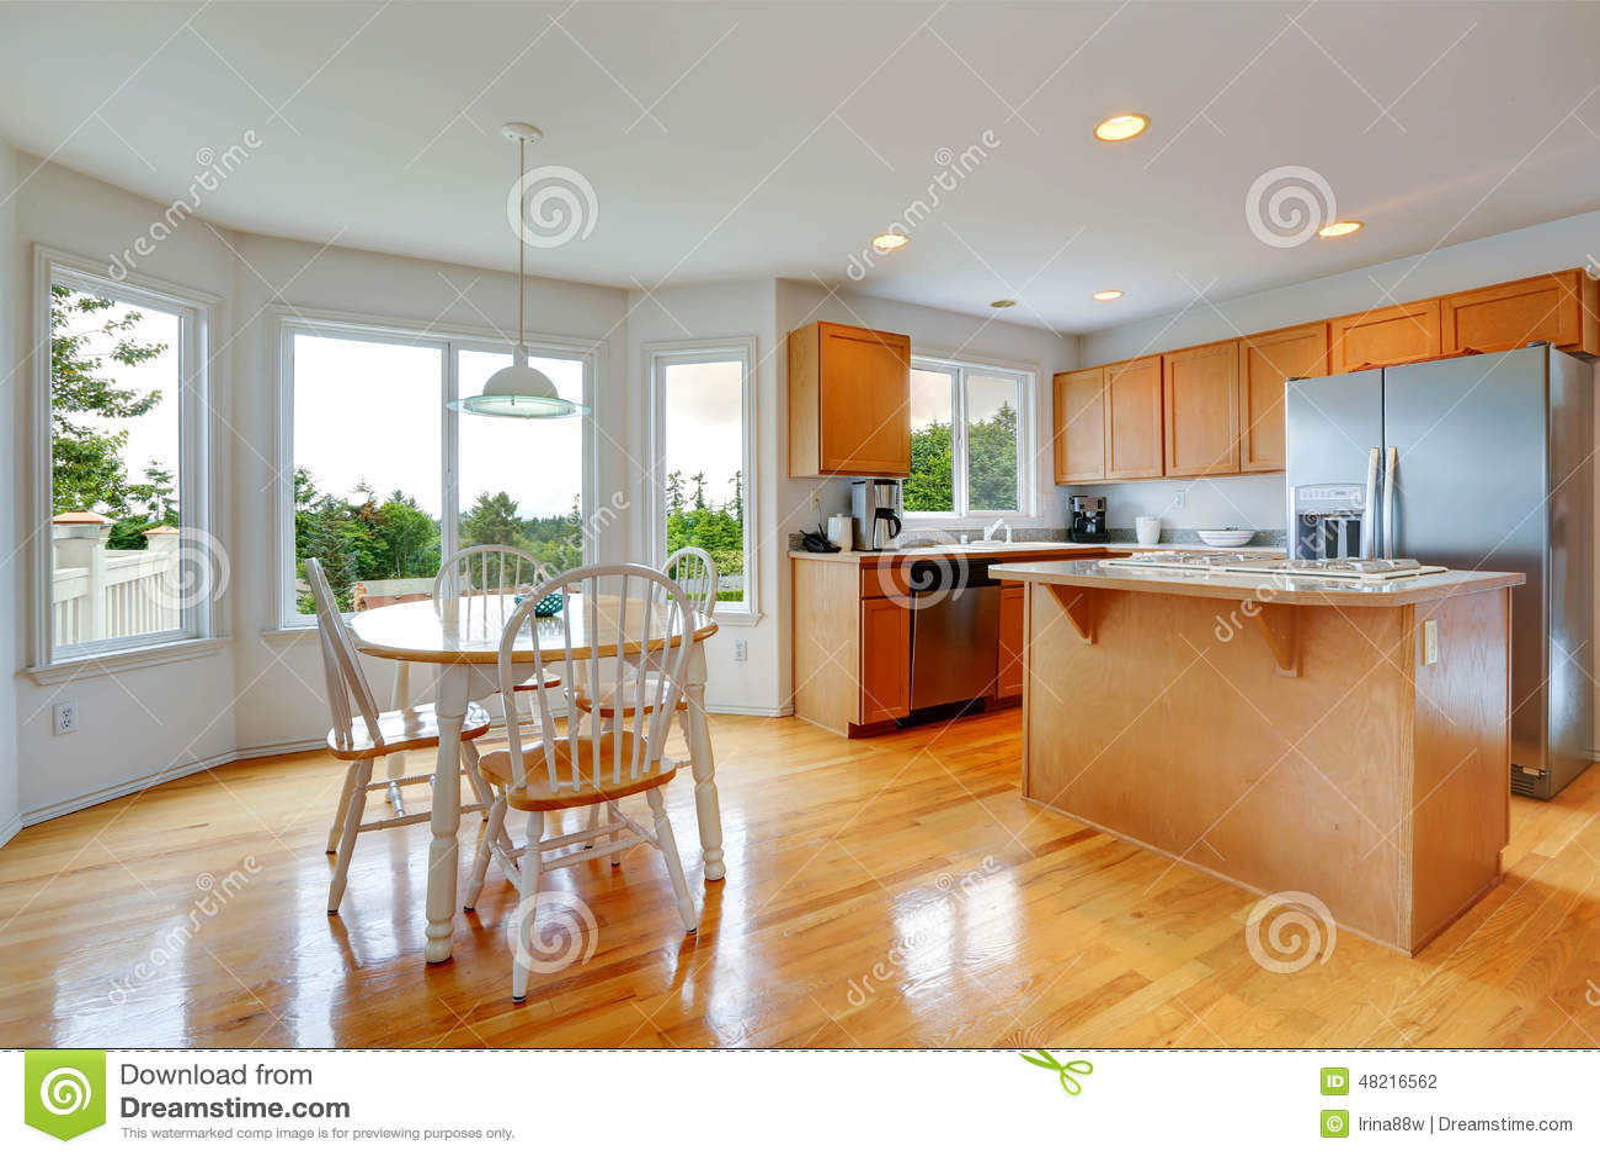 Cuisine avec table manger table de cuisine pepper table for Ilot de cuisine avec table pour 4 personnes